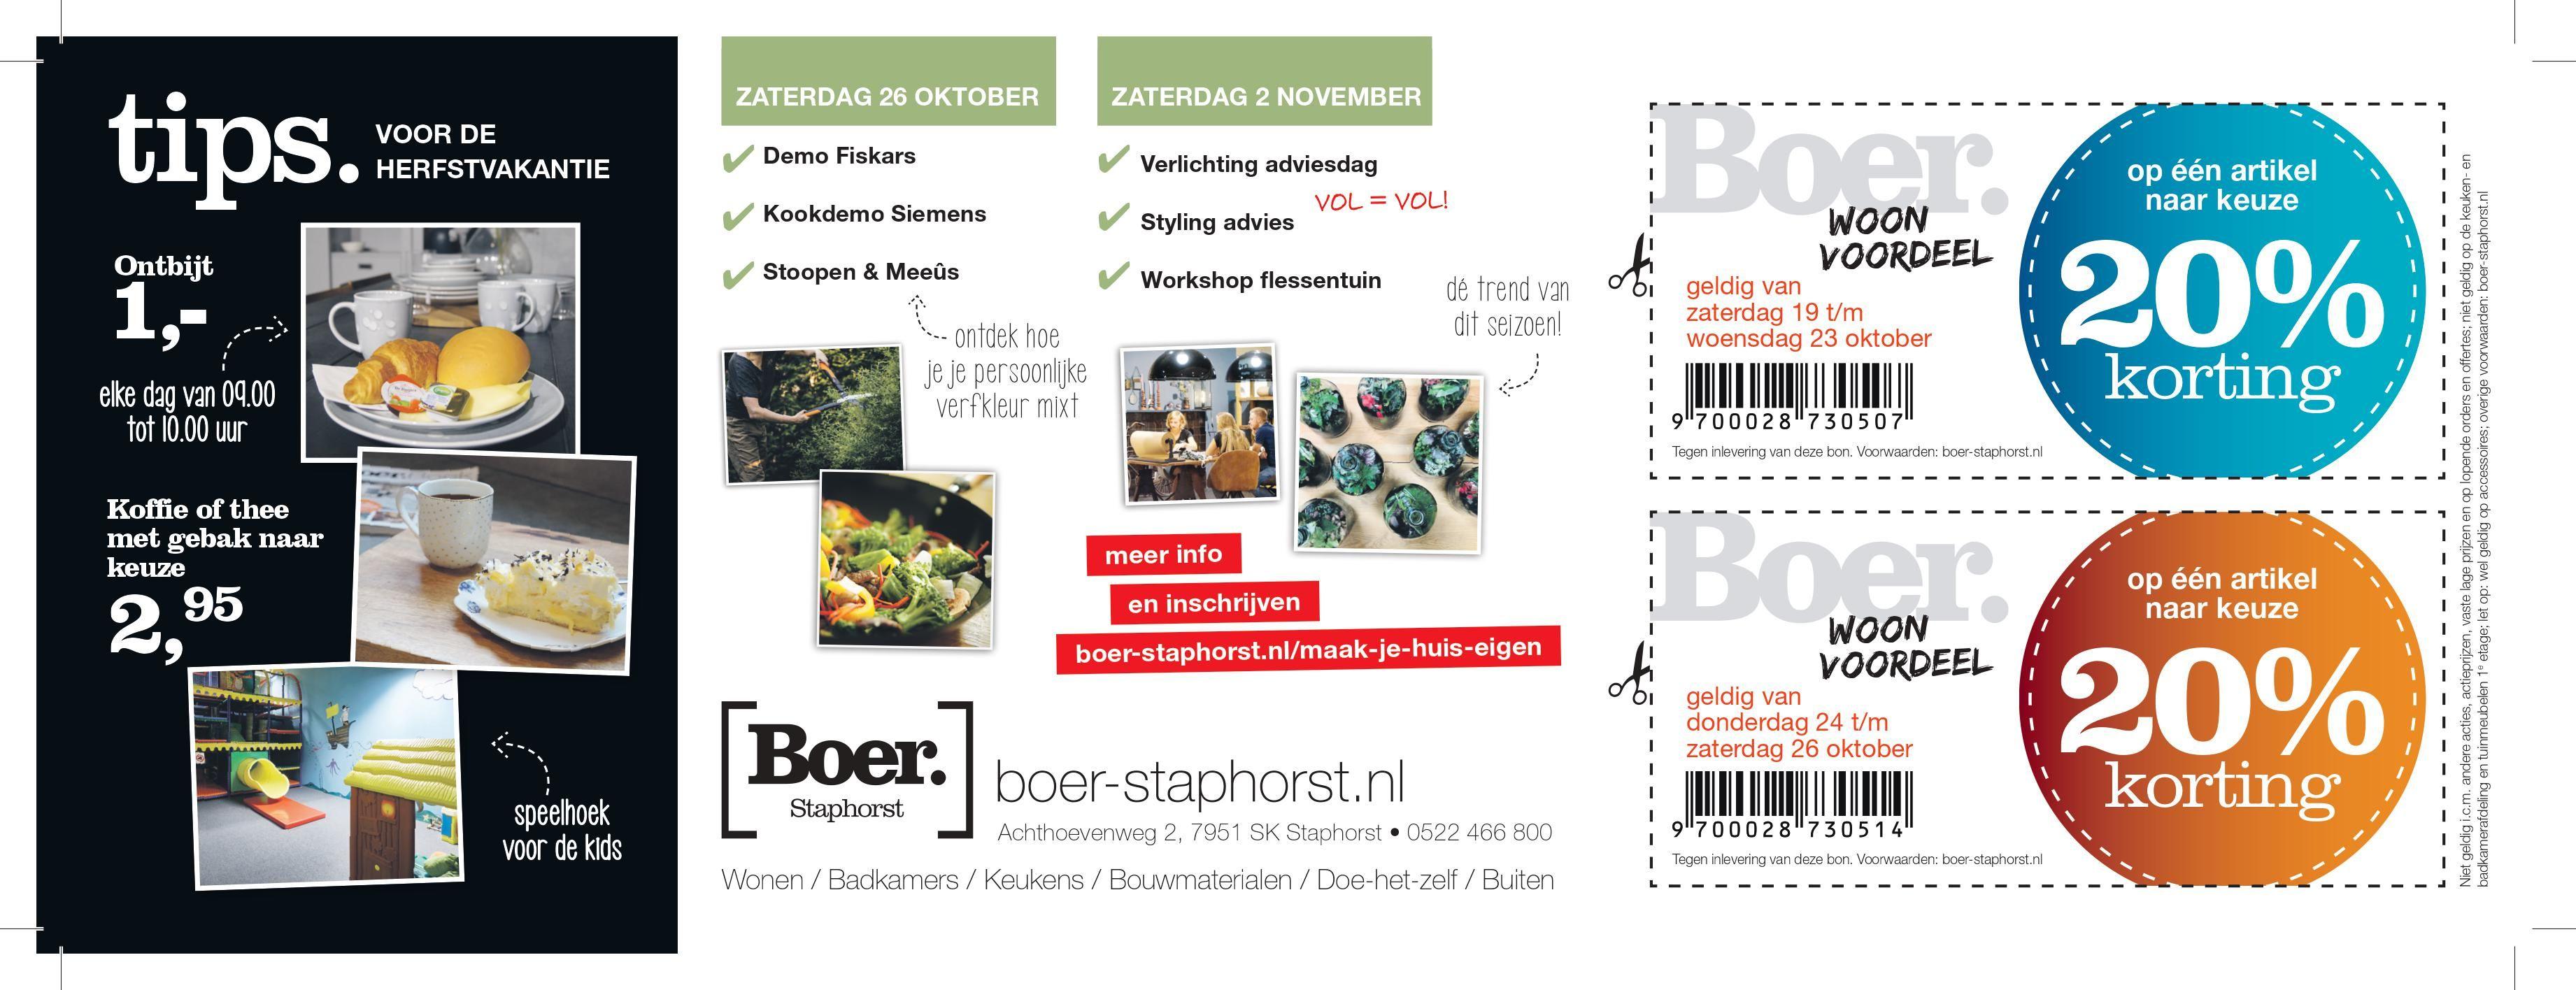 20% korting op een artikel naar keuze bij Boer staphorst